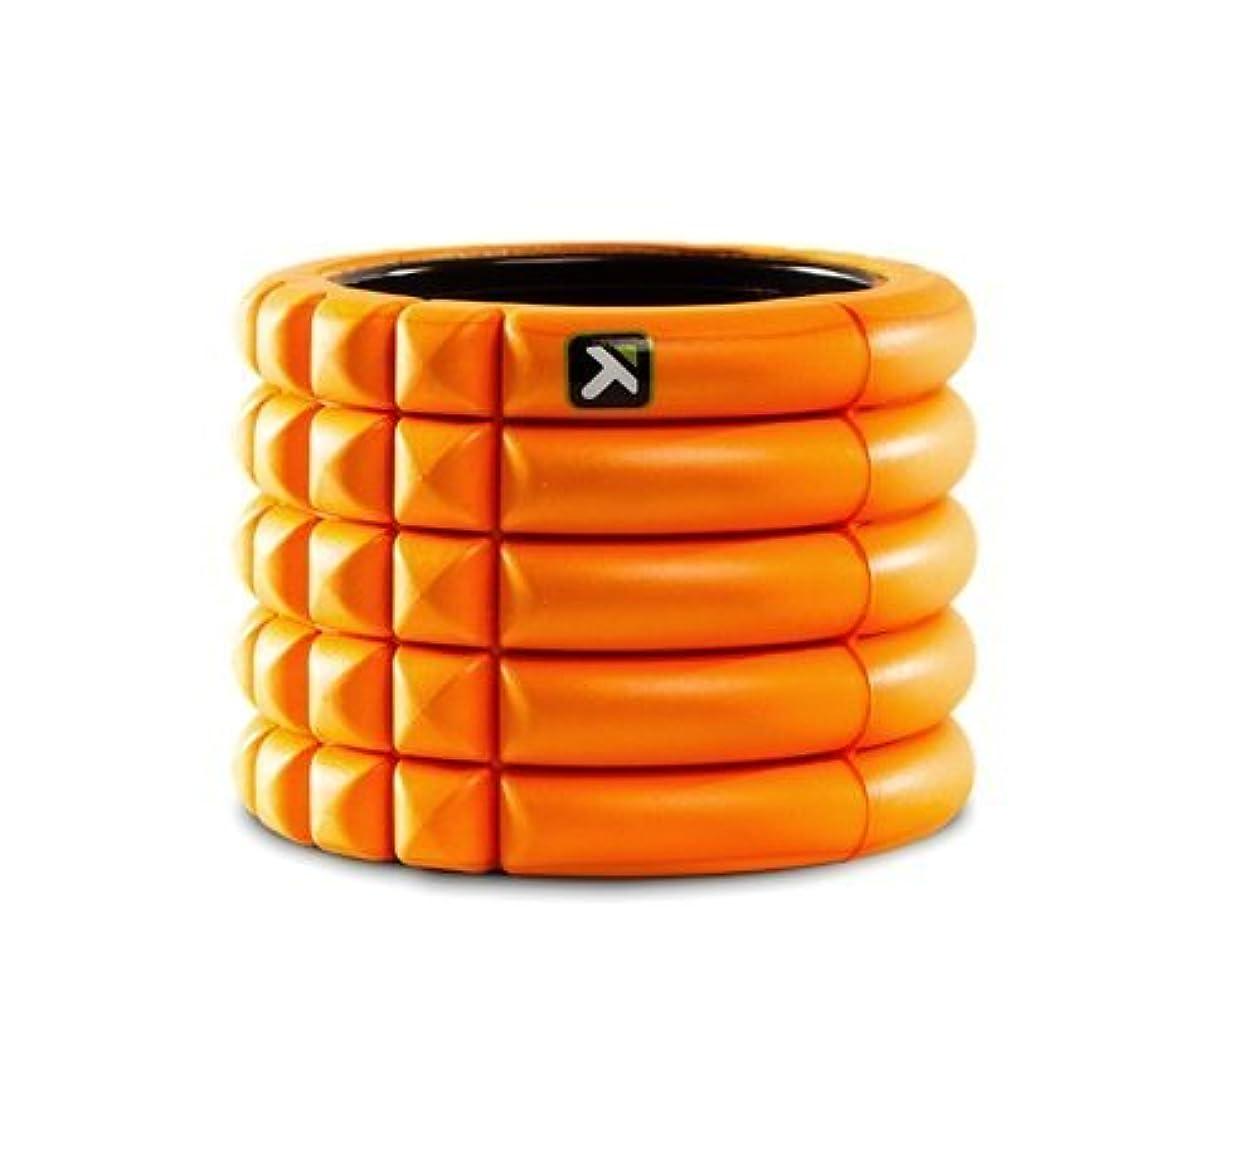 グリット準備した離婚グリッドフォームローラーミニ The GRID Foam Roller Mini Trigger point (Orange, mini) [並行輸入品]